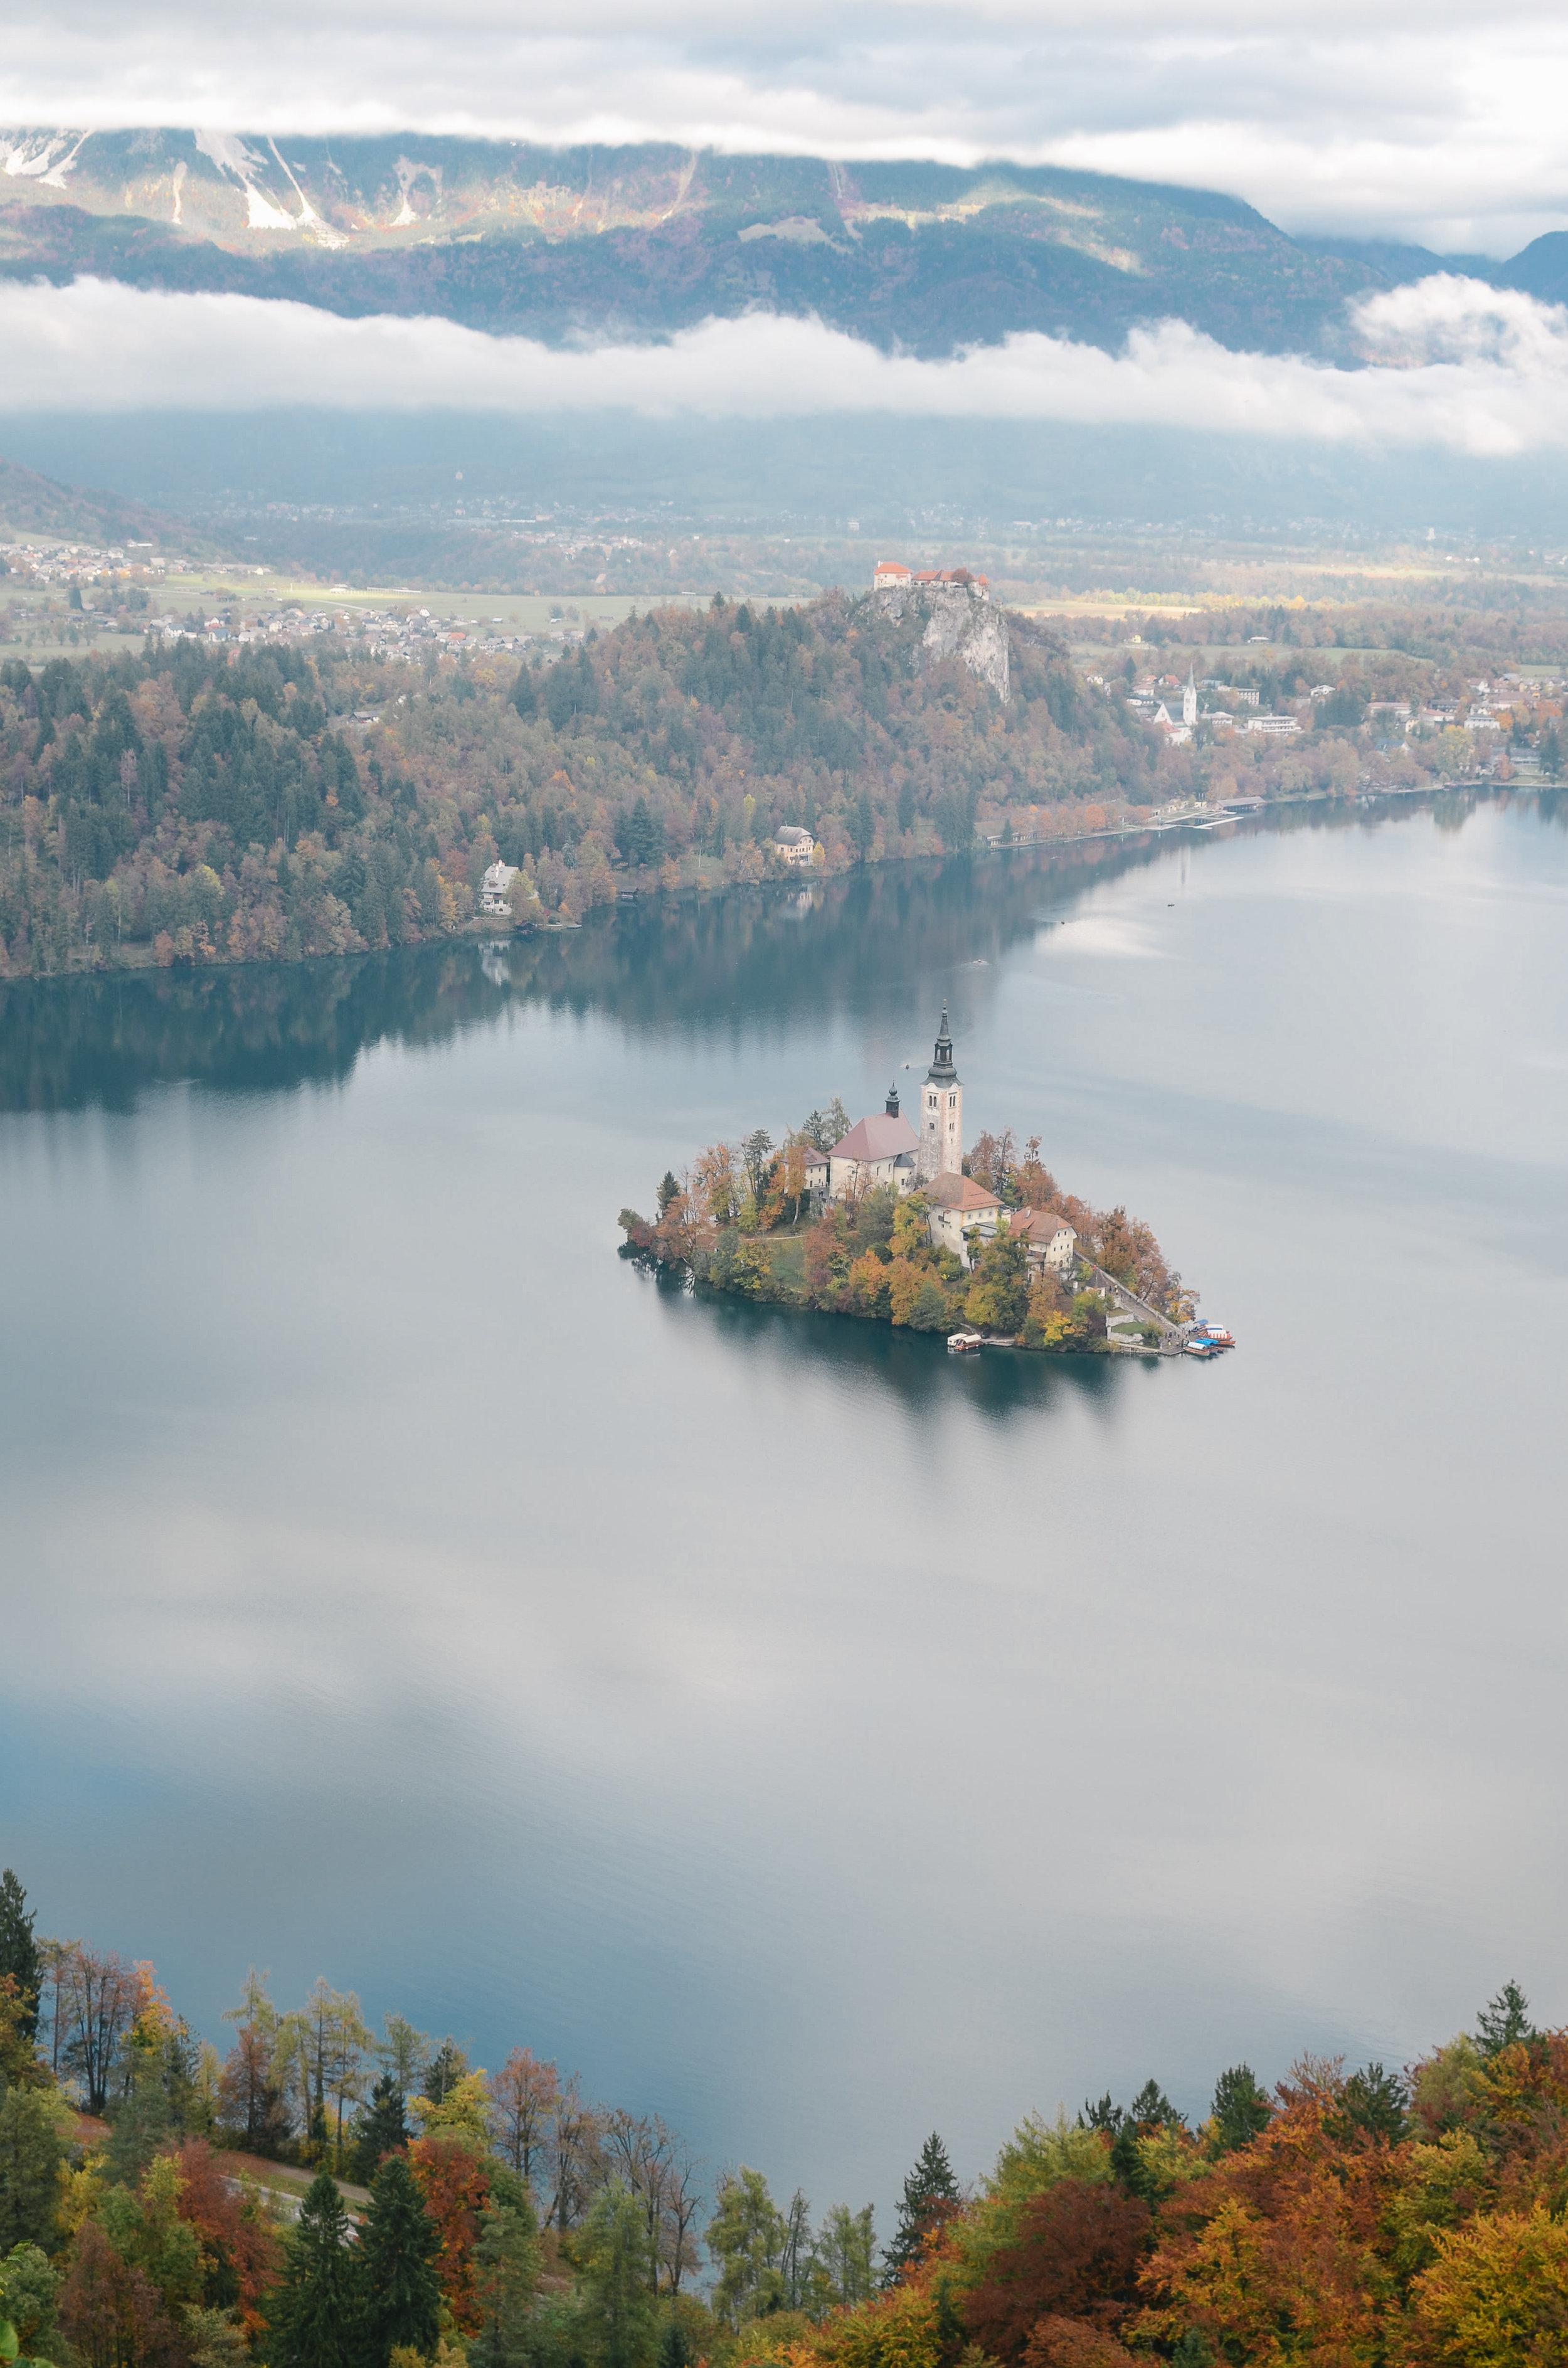 lake-bled-slovenia-travel-guide-lifeonpine_DSC_1592.jpg